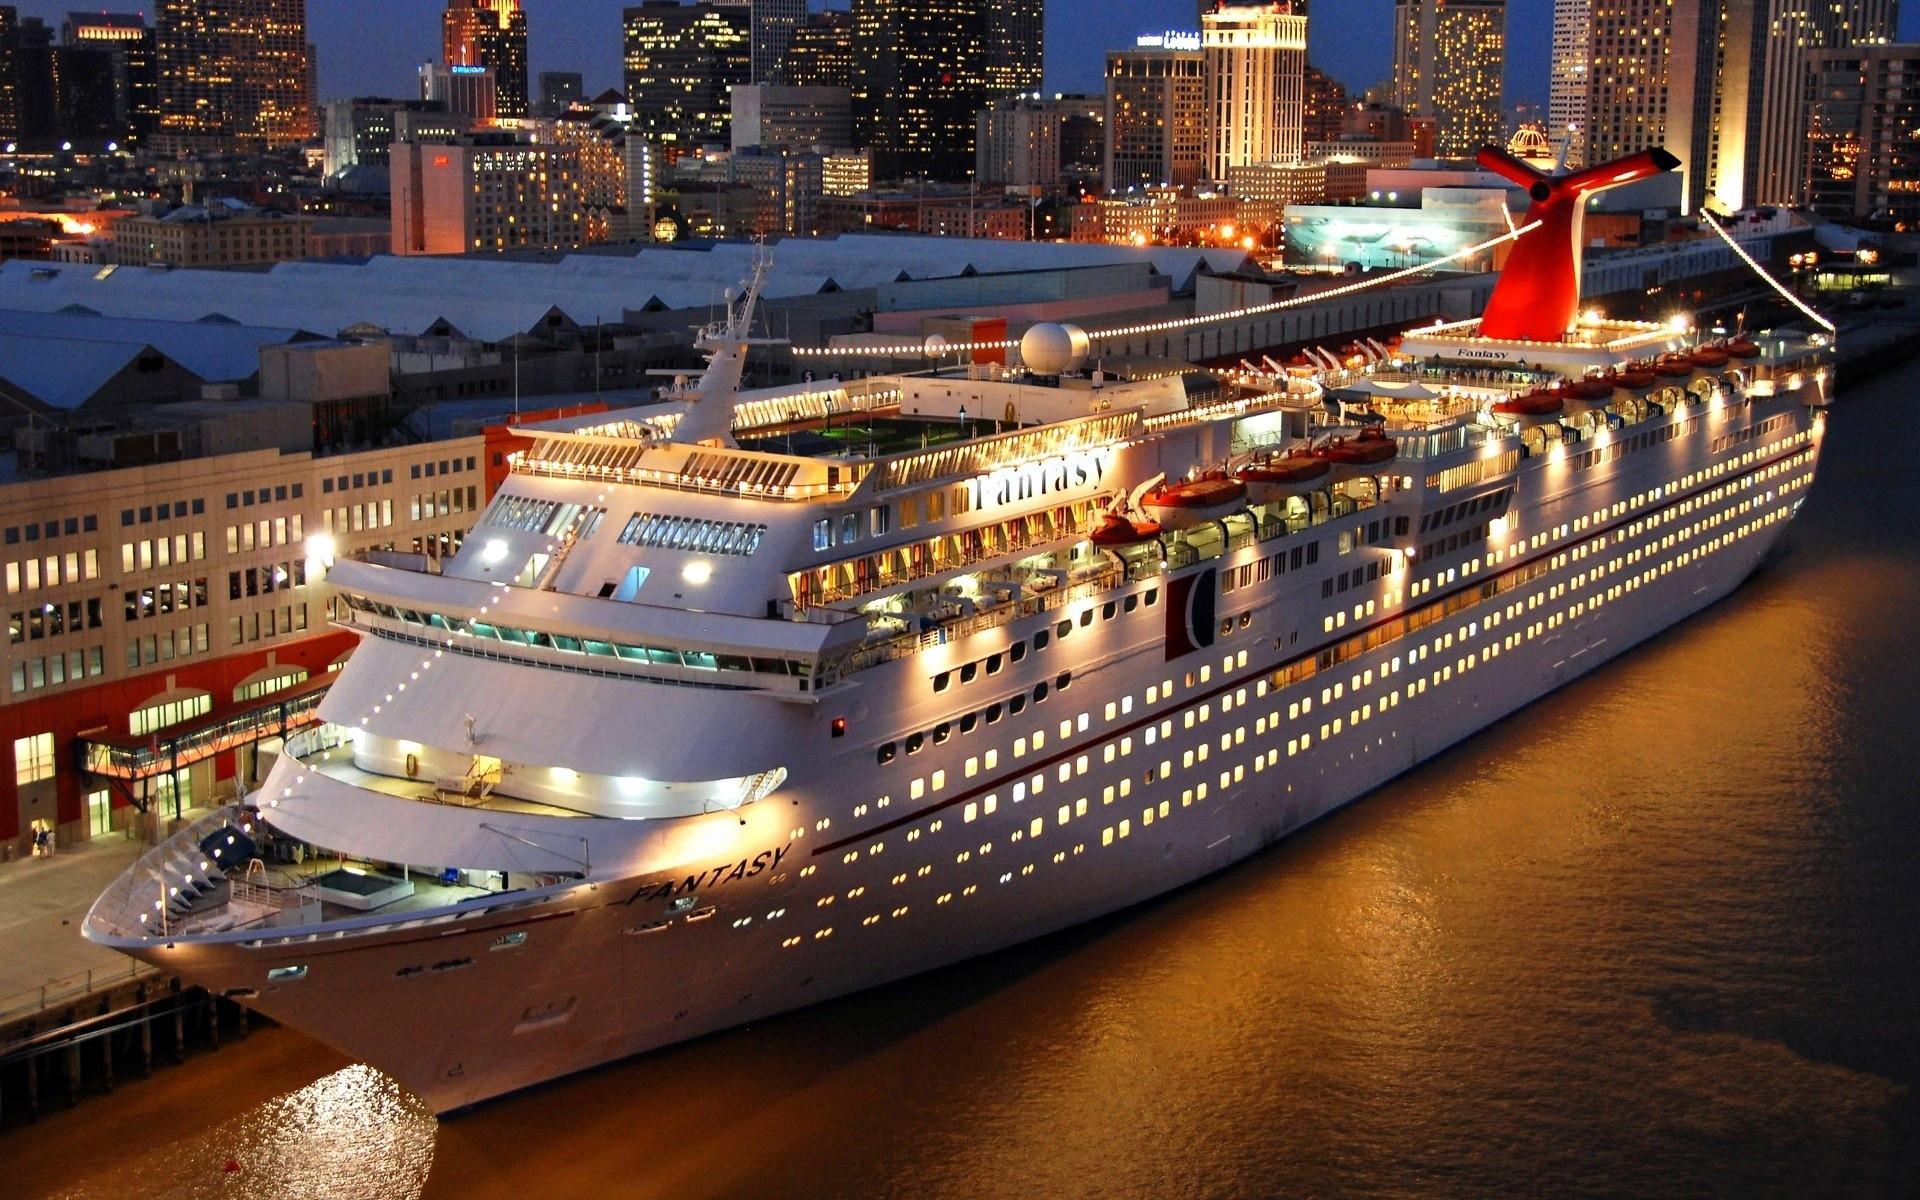 новогодней фотосессии фото круизного лайнера пару минут